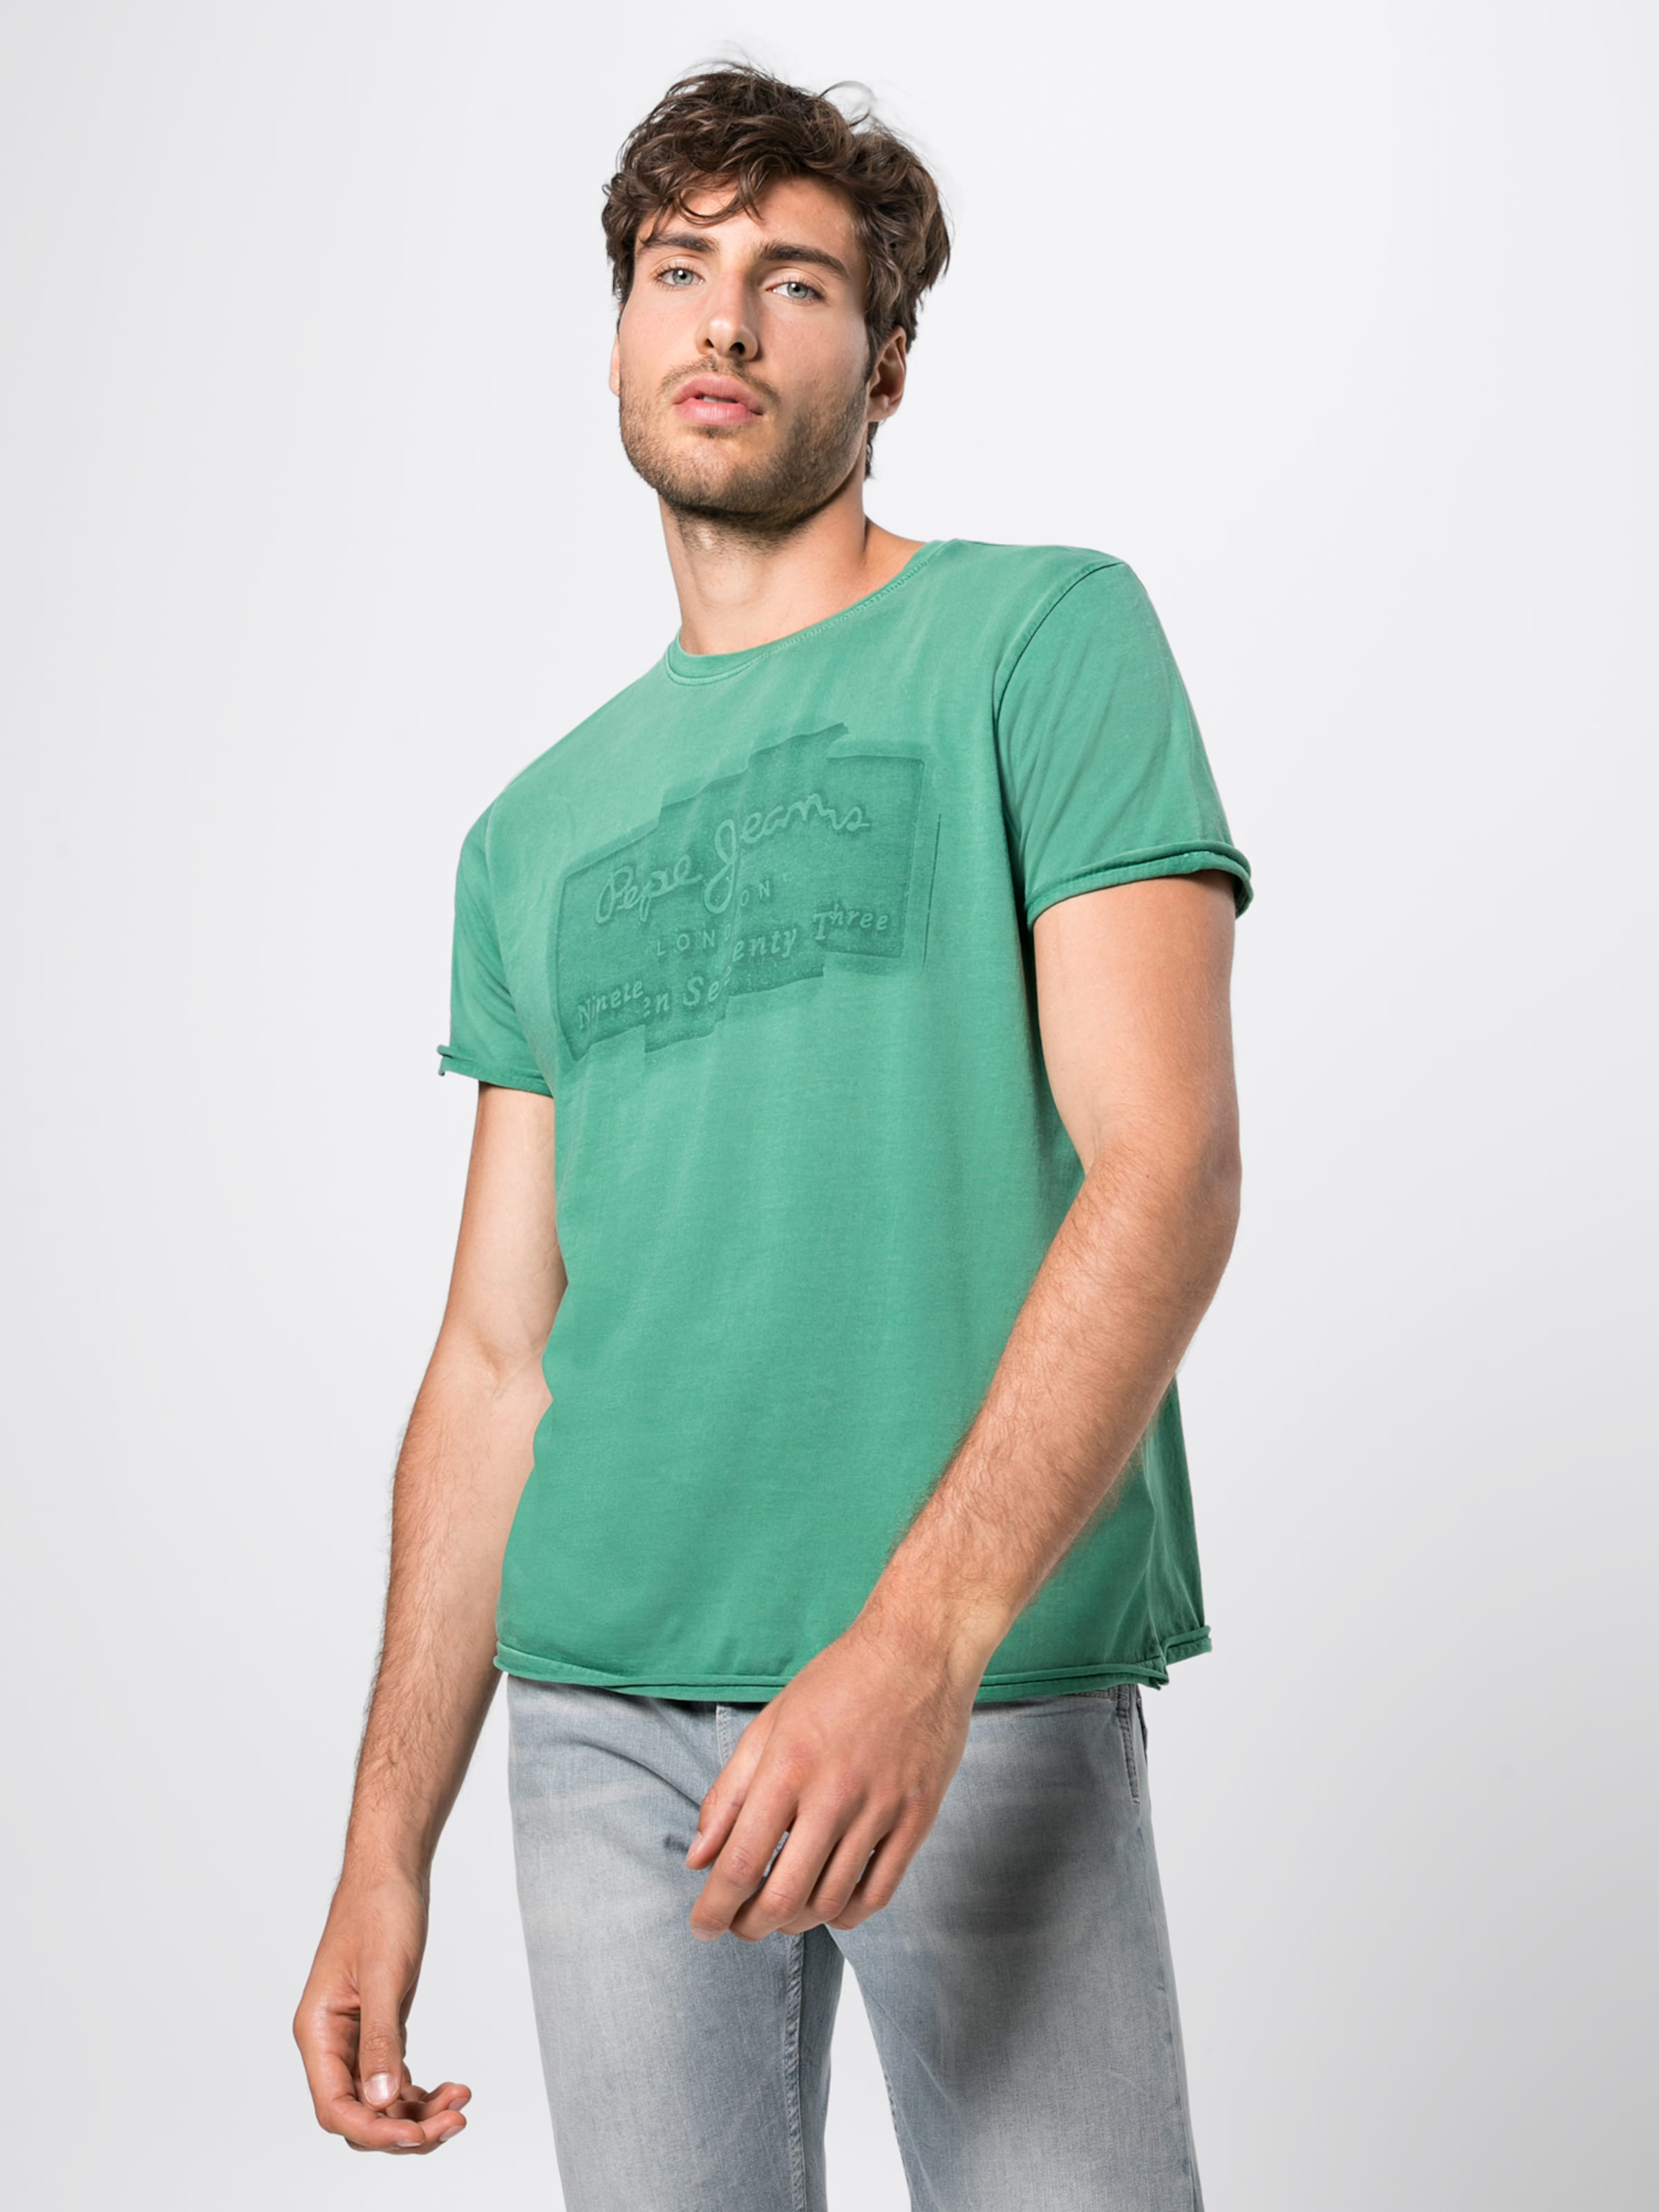 Pepe In 'izzo' Grün Jeans shirt T CtQshrd